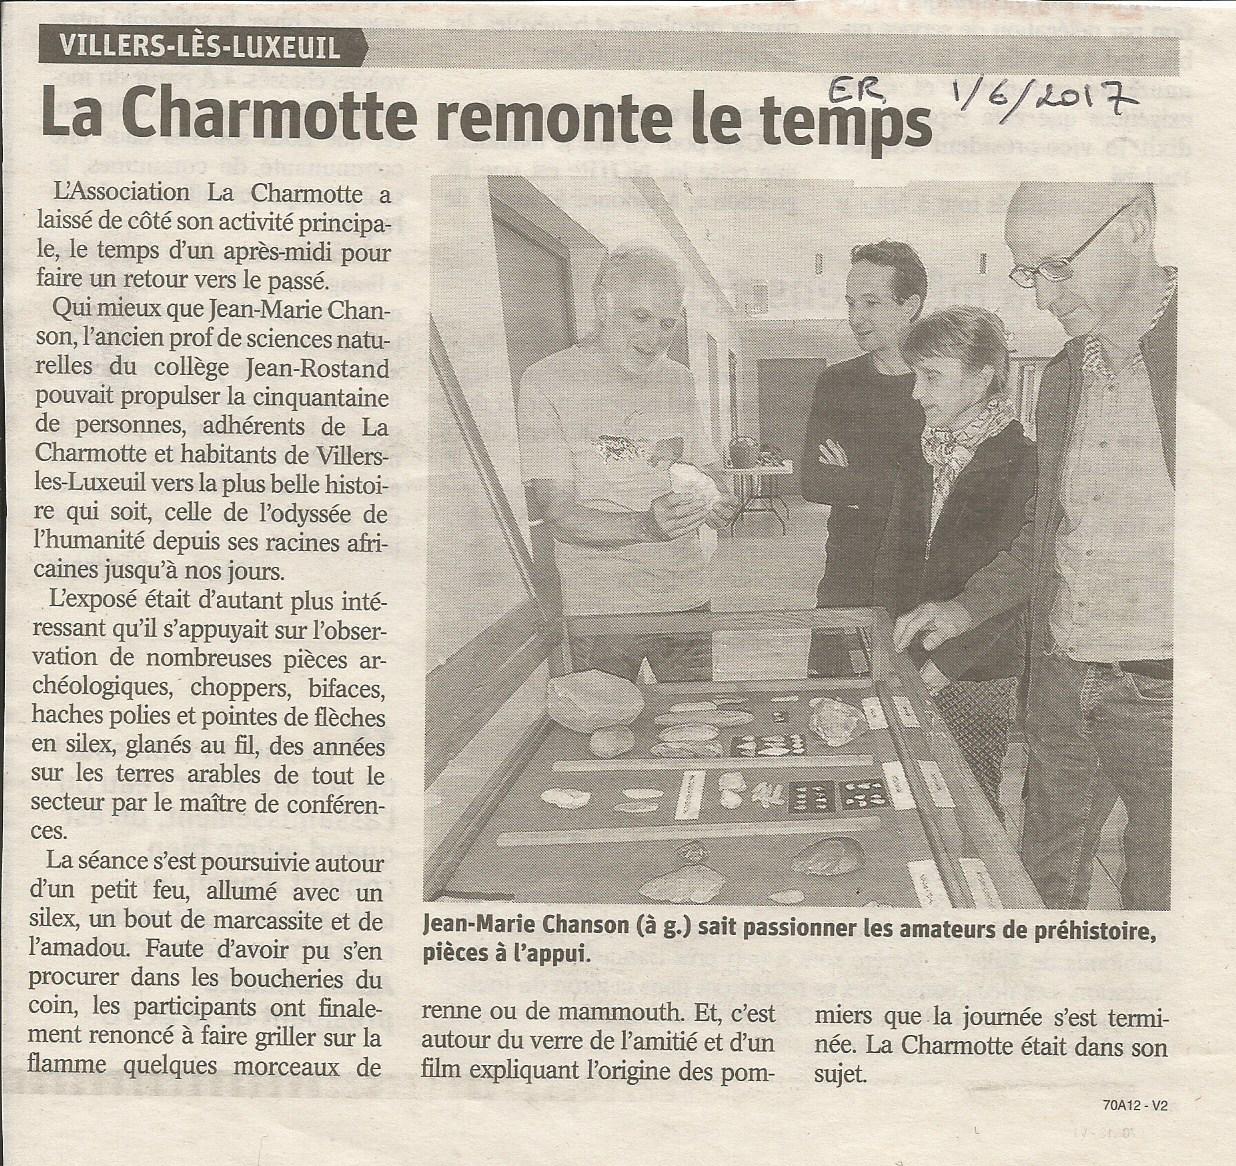 https://www.villers-les-luxeuil.com/projets/villers/files/images/2017_Evenements/Presse/Presse_La_Charmotte.png